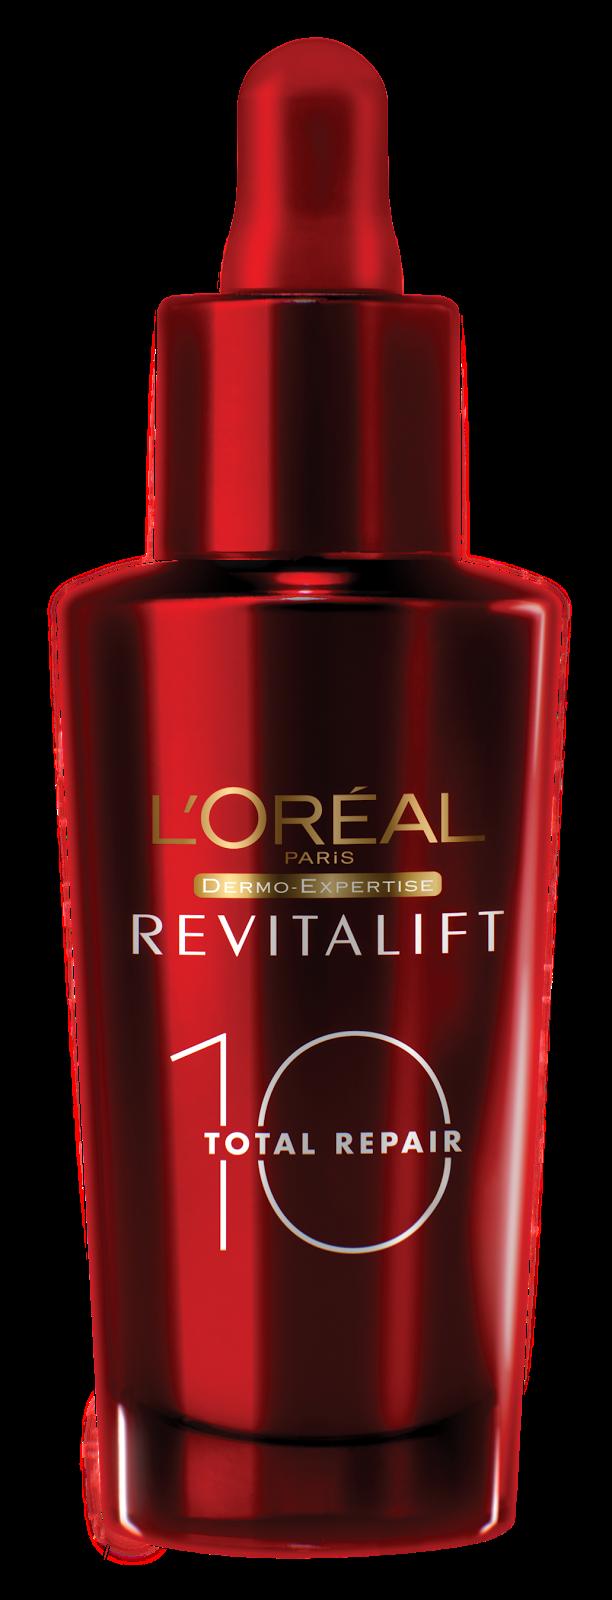 Serum Revitalift Total Repair 10